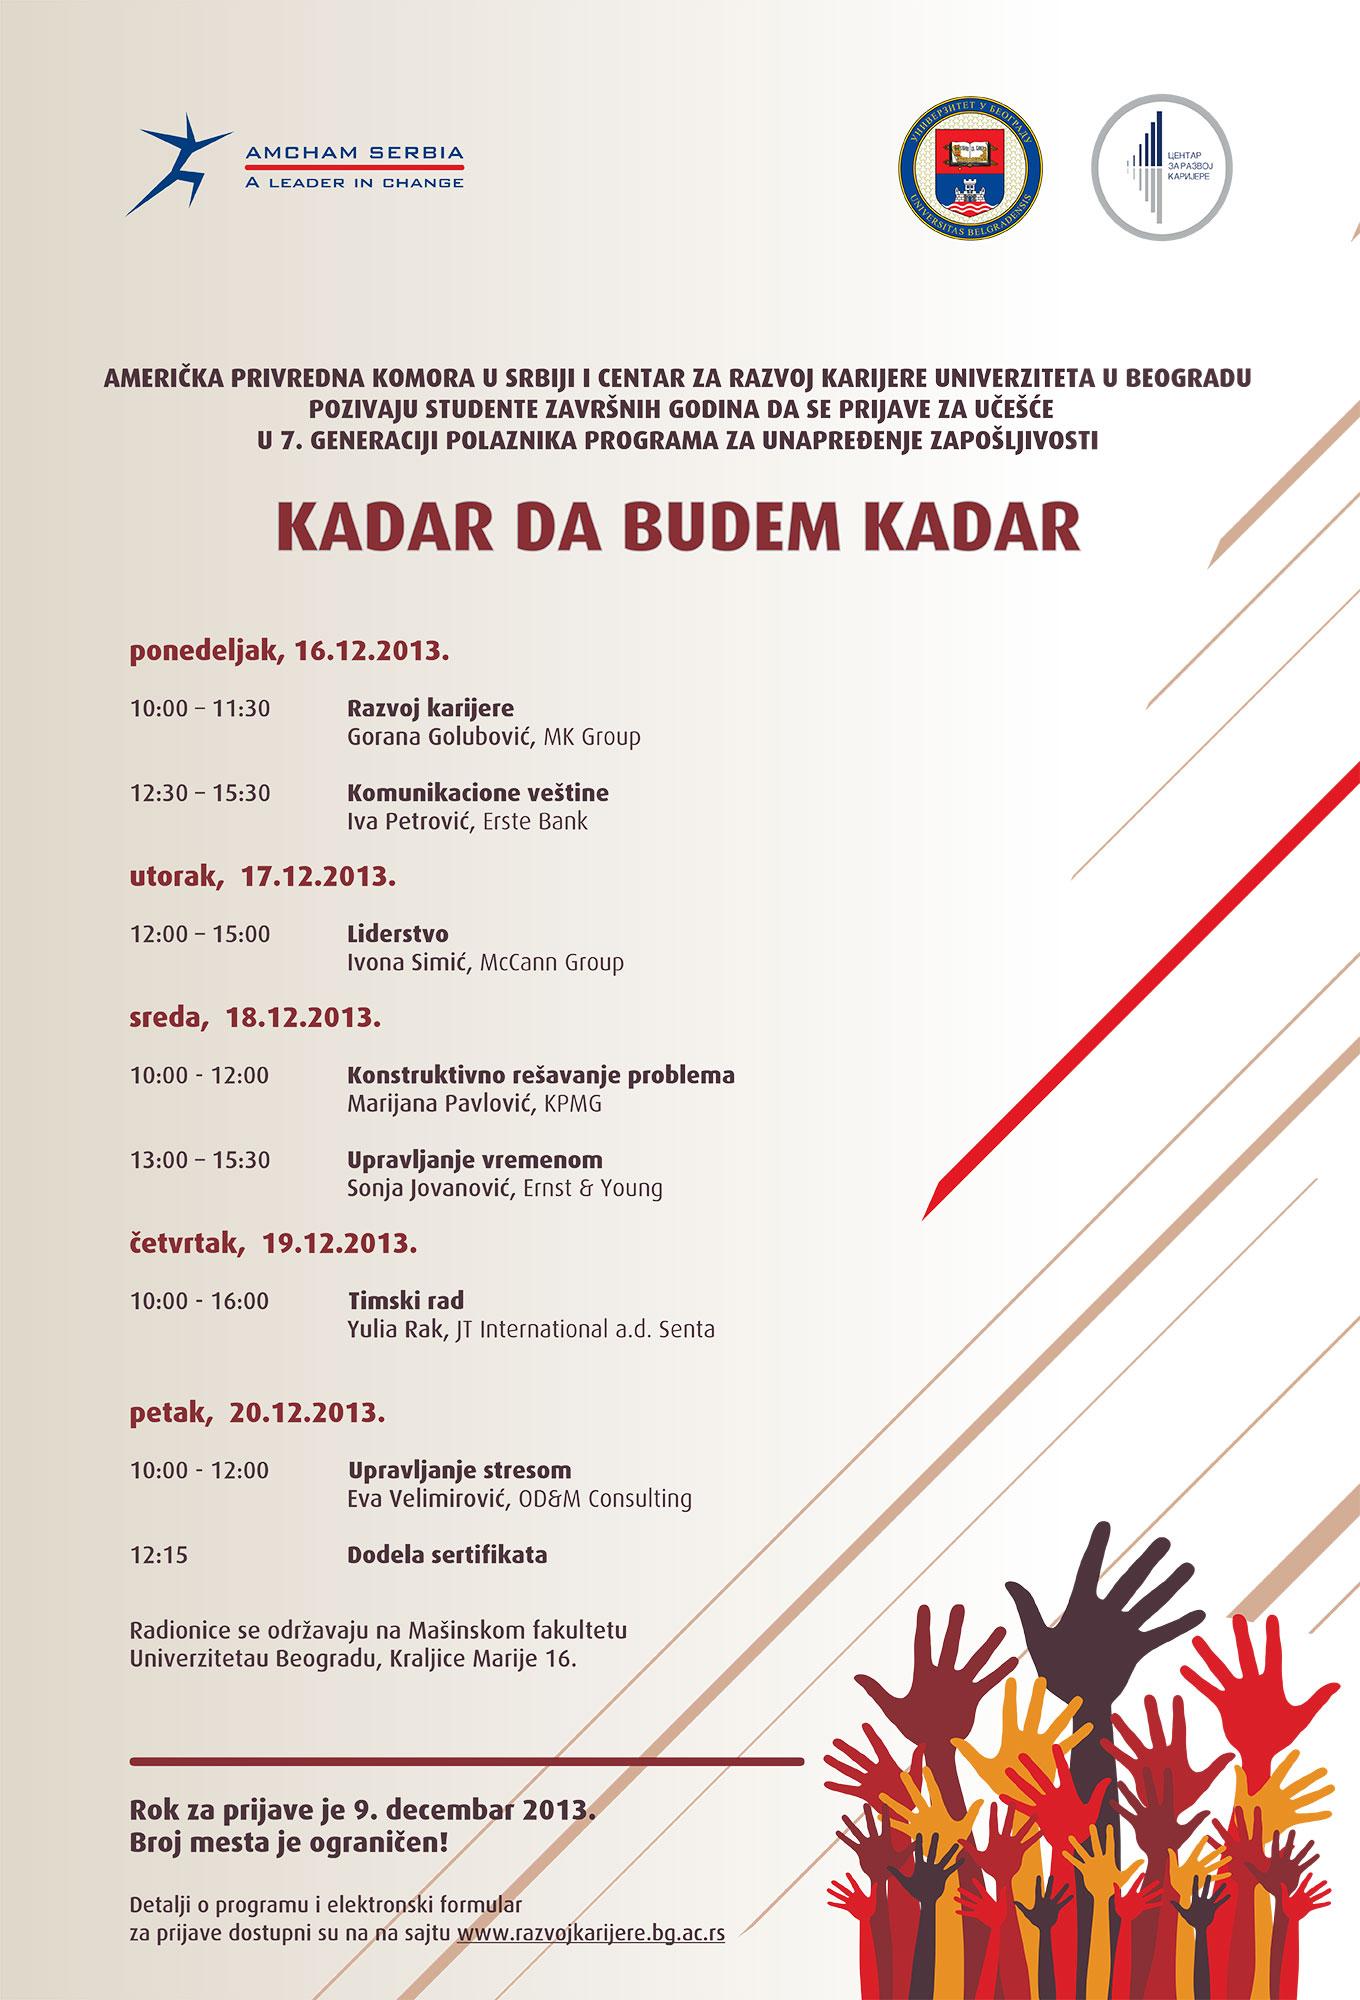 Kadar-da-budem-kadar-2013-plakat